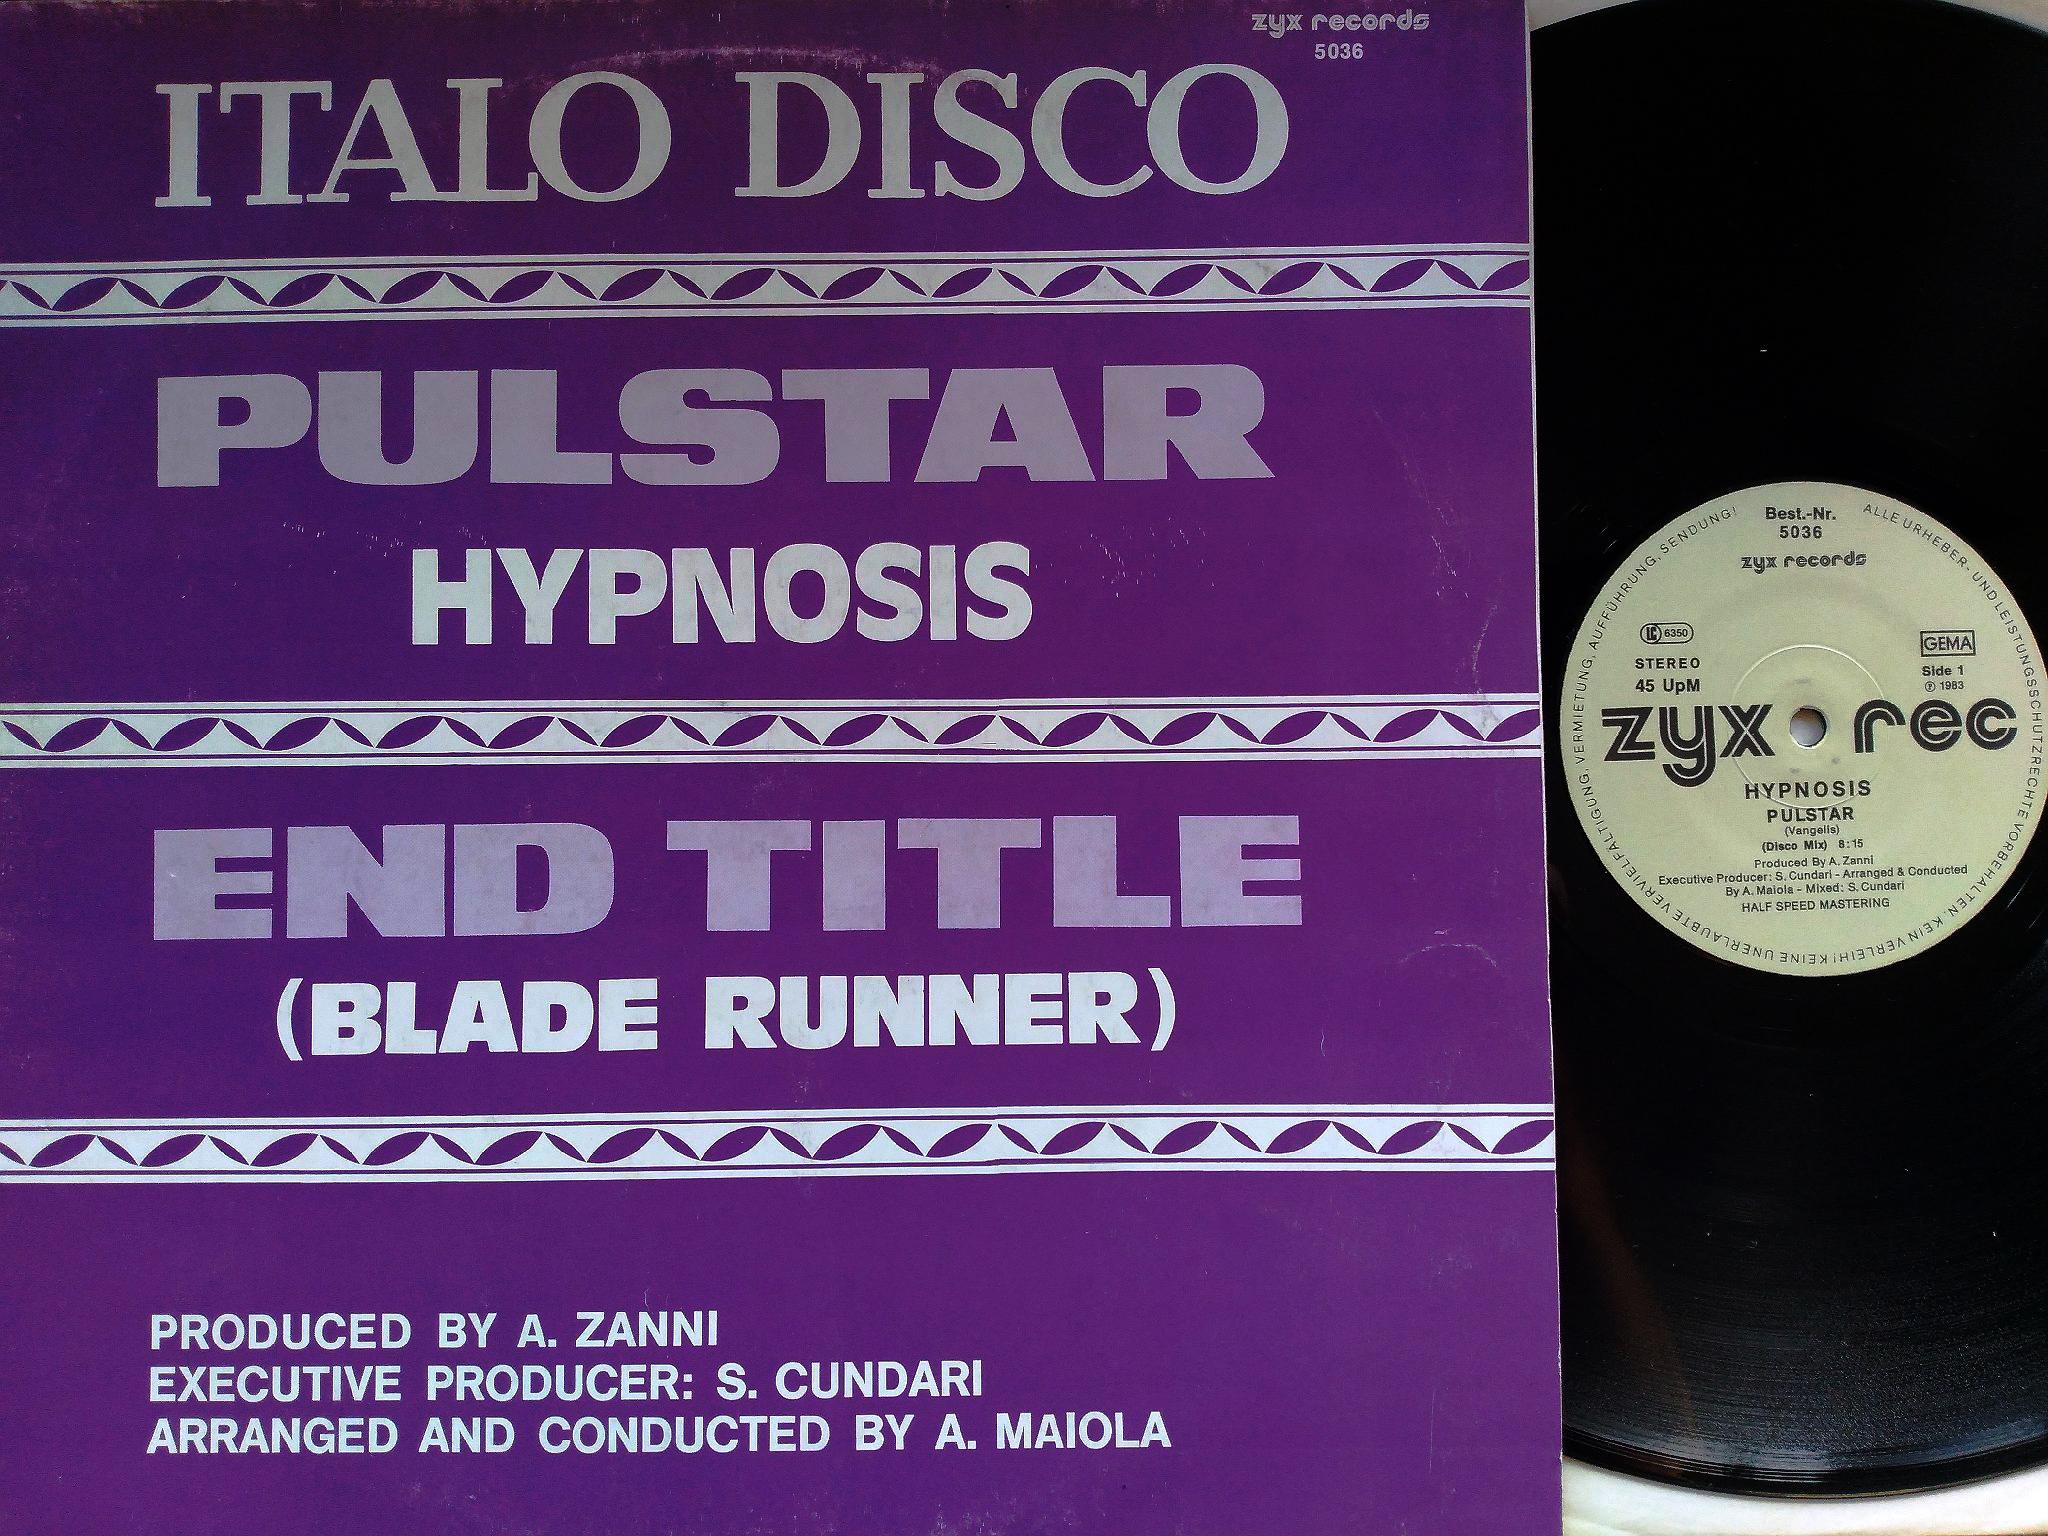 Hipnosis - Pulstar